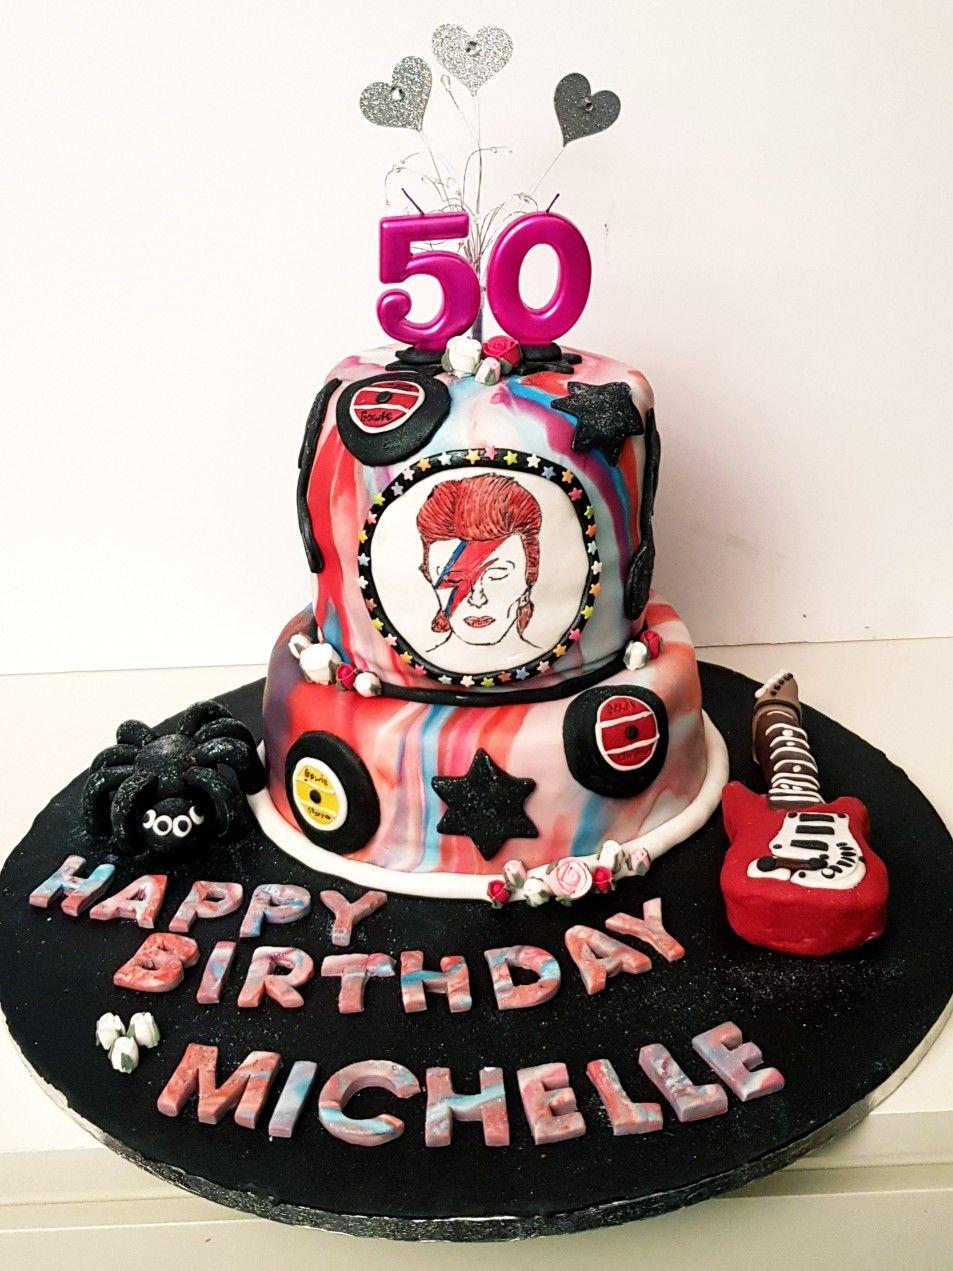 Ziggy Stardust David Bowie Cake How To Make Cake